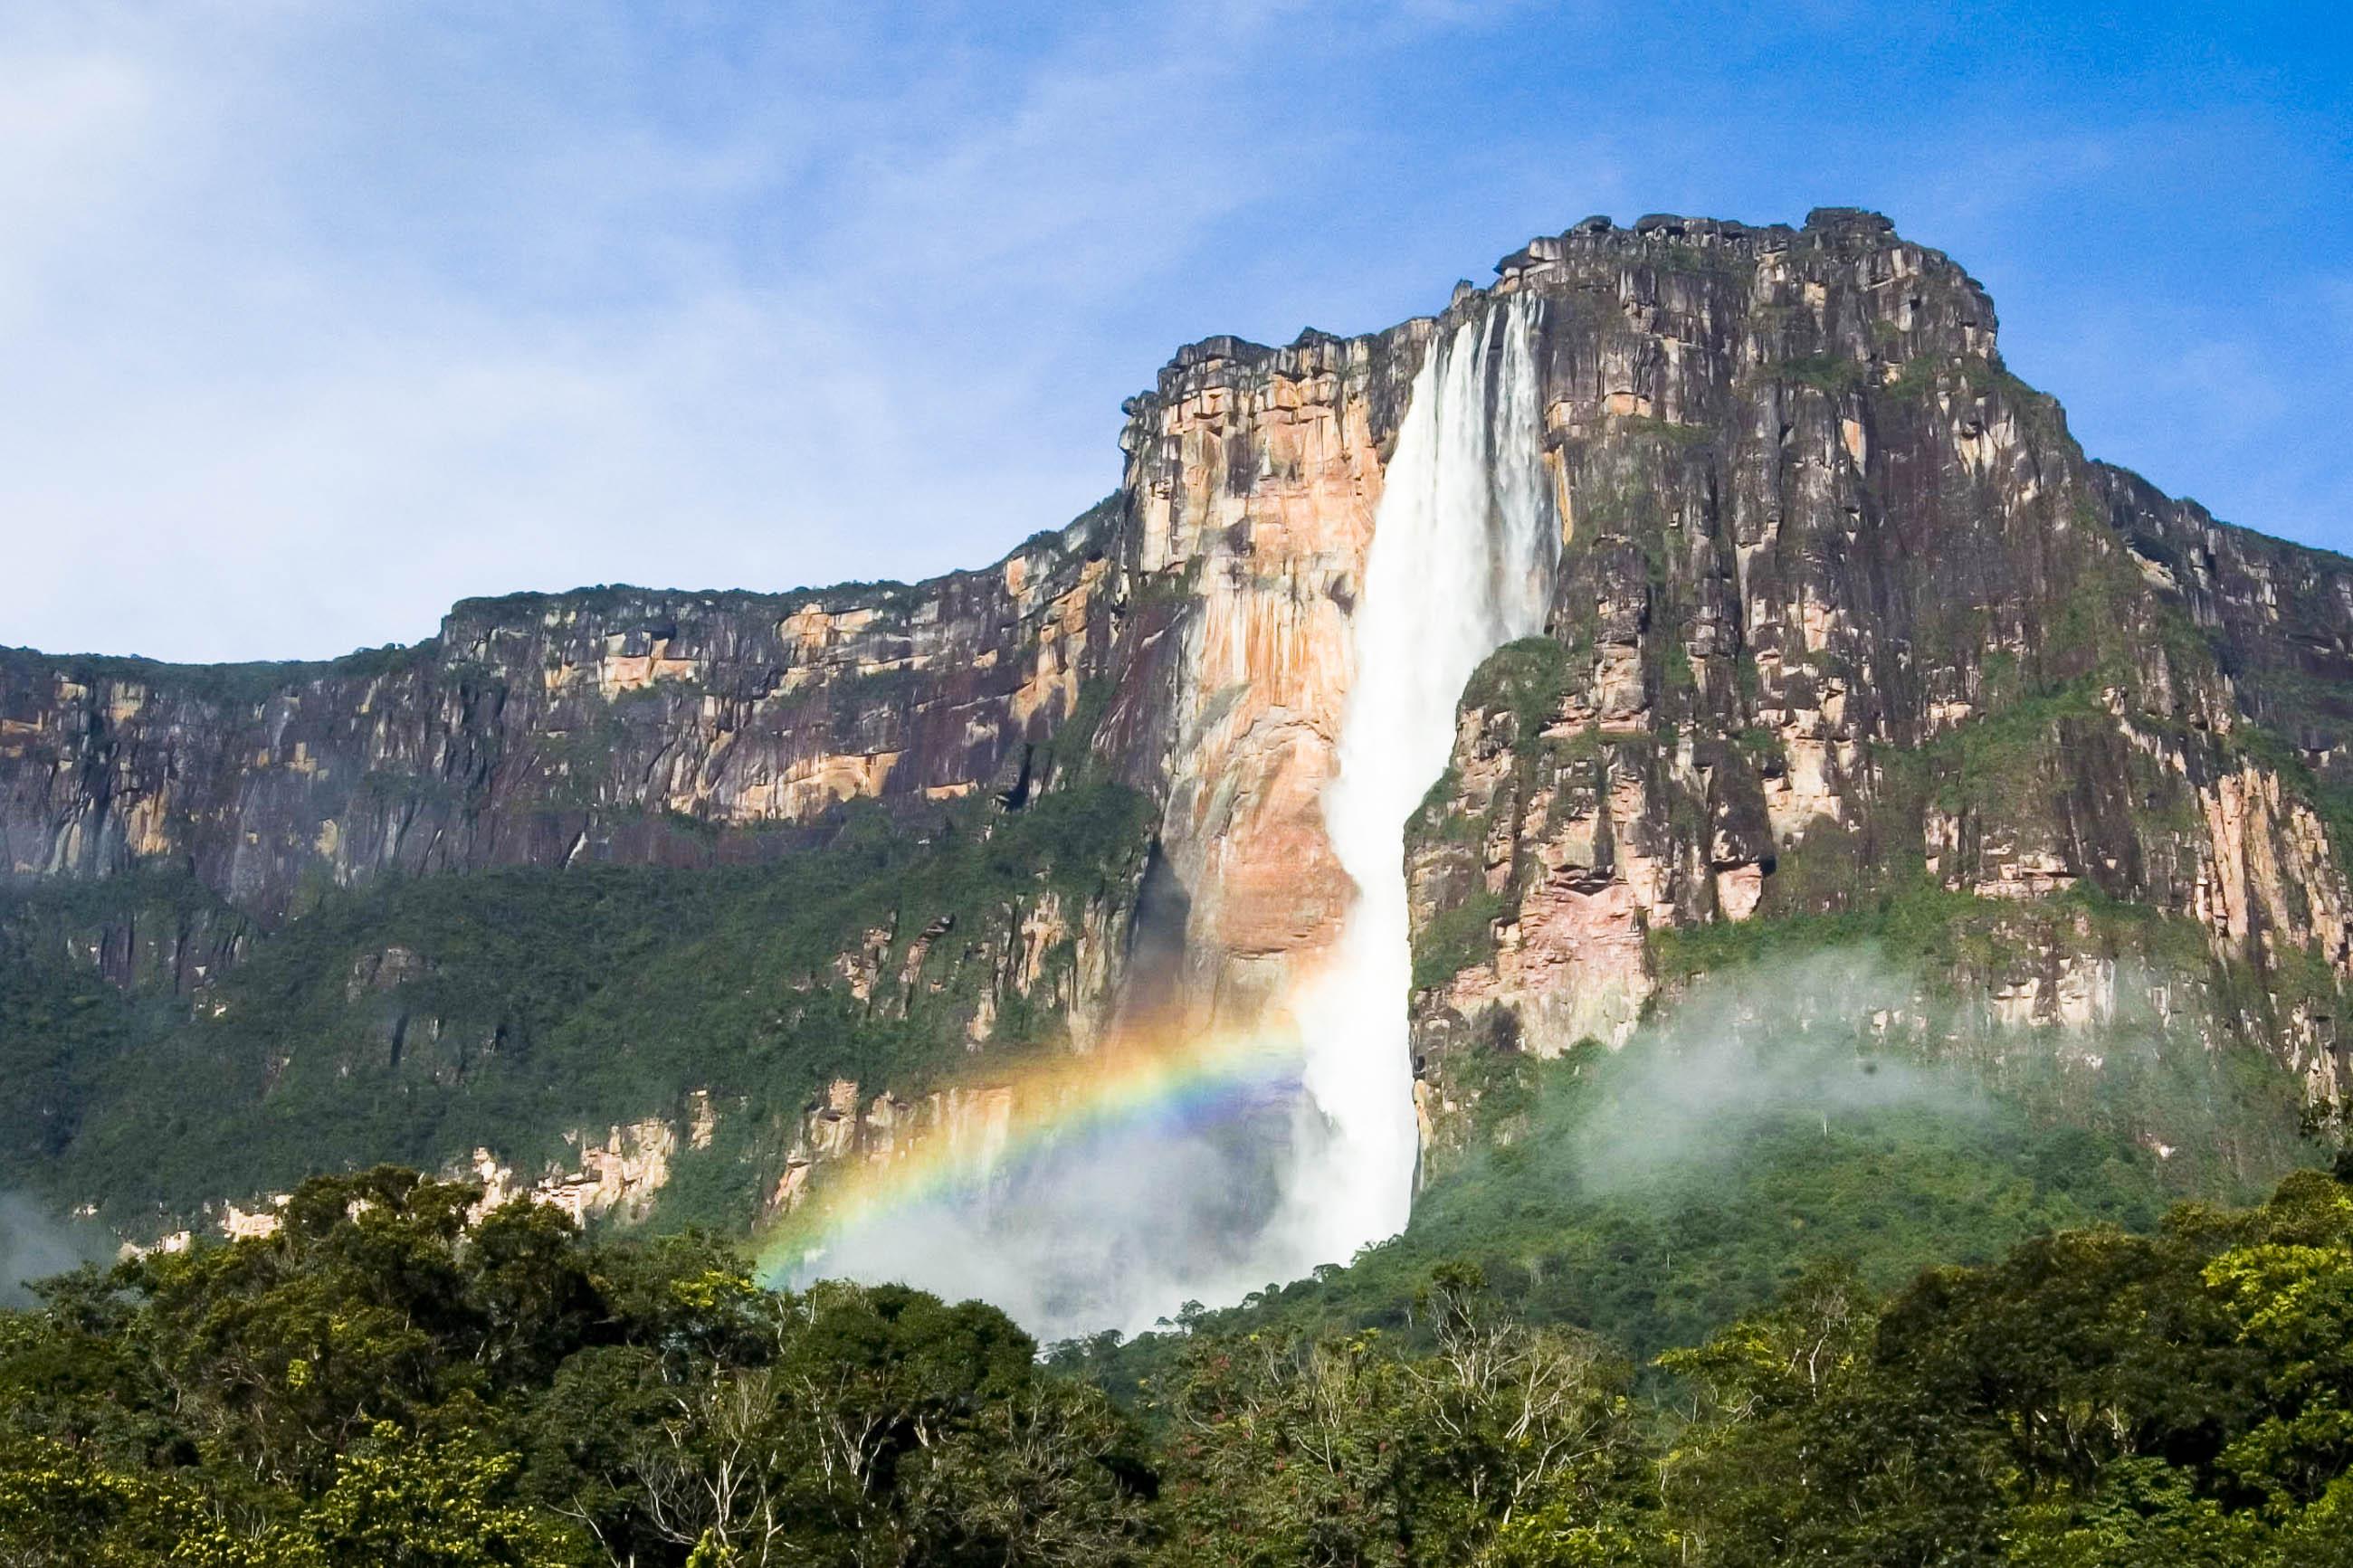 Die Angel Falls im Nationalpark Canaima im Südosten Venezuelas sind mit einer Höhe von 979 Meter die höchsten freifallenden Wasserfälle der Welt - © JKaczka Digital Imaging / Fotolia